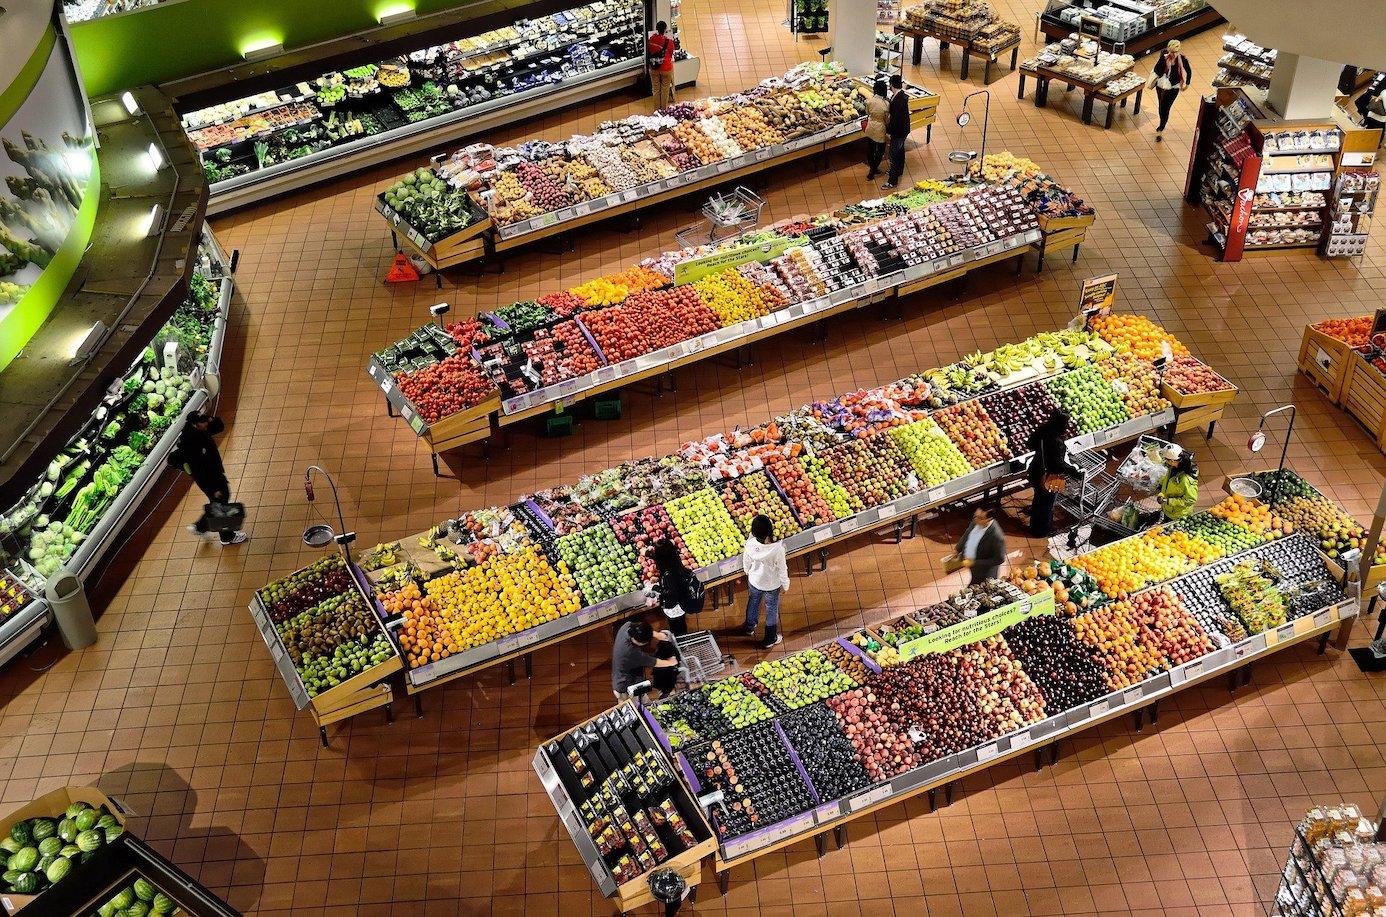 Wer die Wahl hat... Supermärkte bieten eine Fülle an Auswahl - von der überladenen Obst- udn Gemüsetheke bis zu bequemen Convenience-Lebensmitteln. Foto:pixabay.de